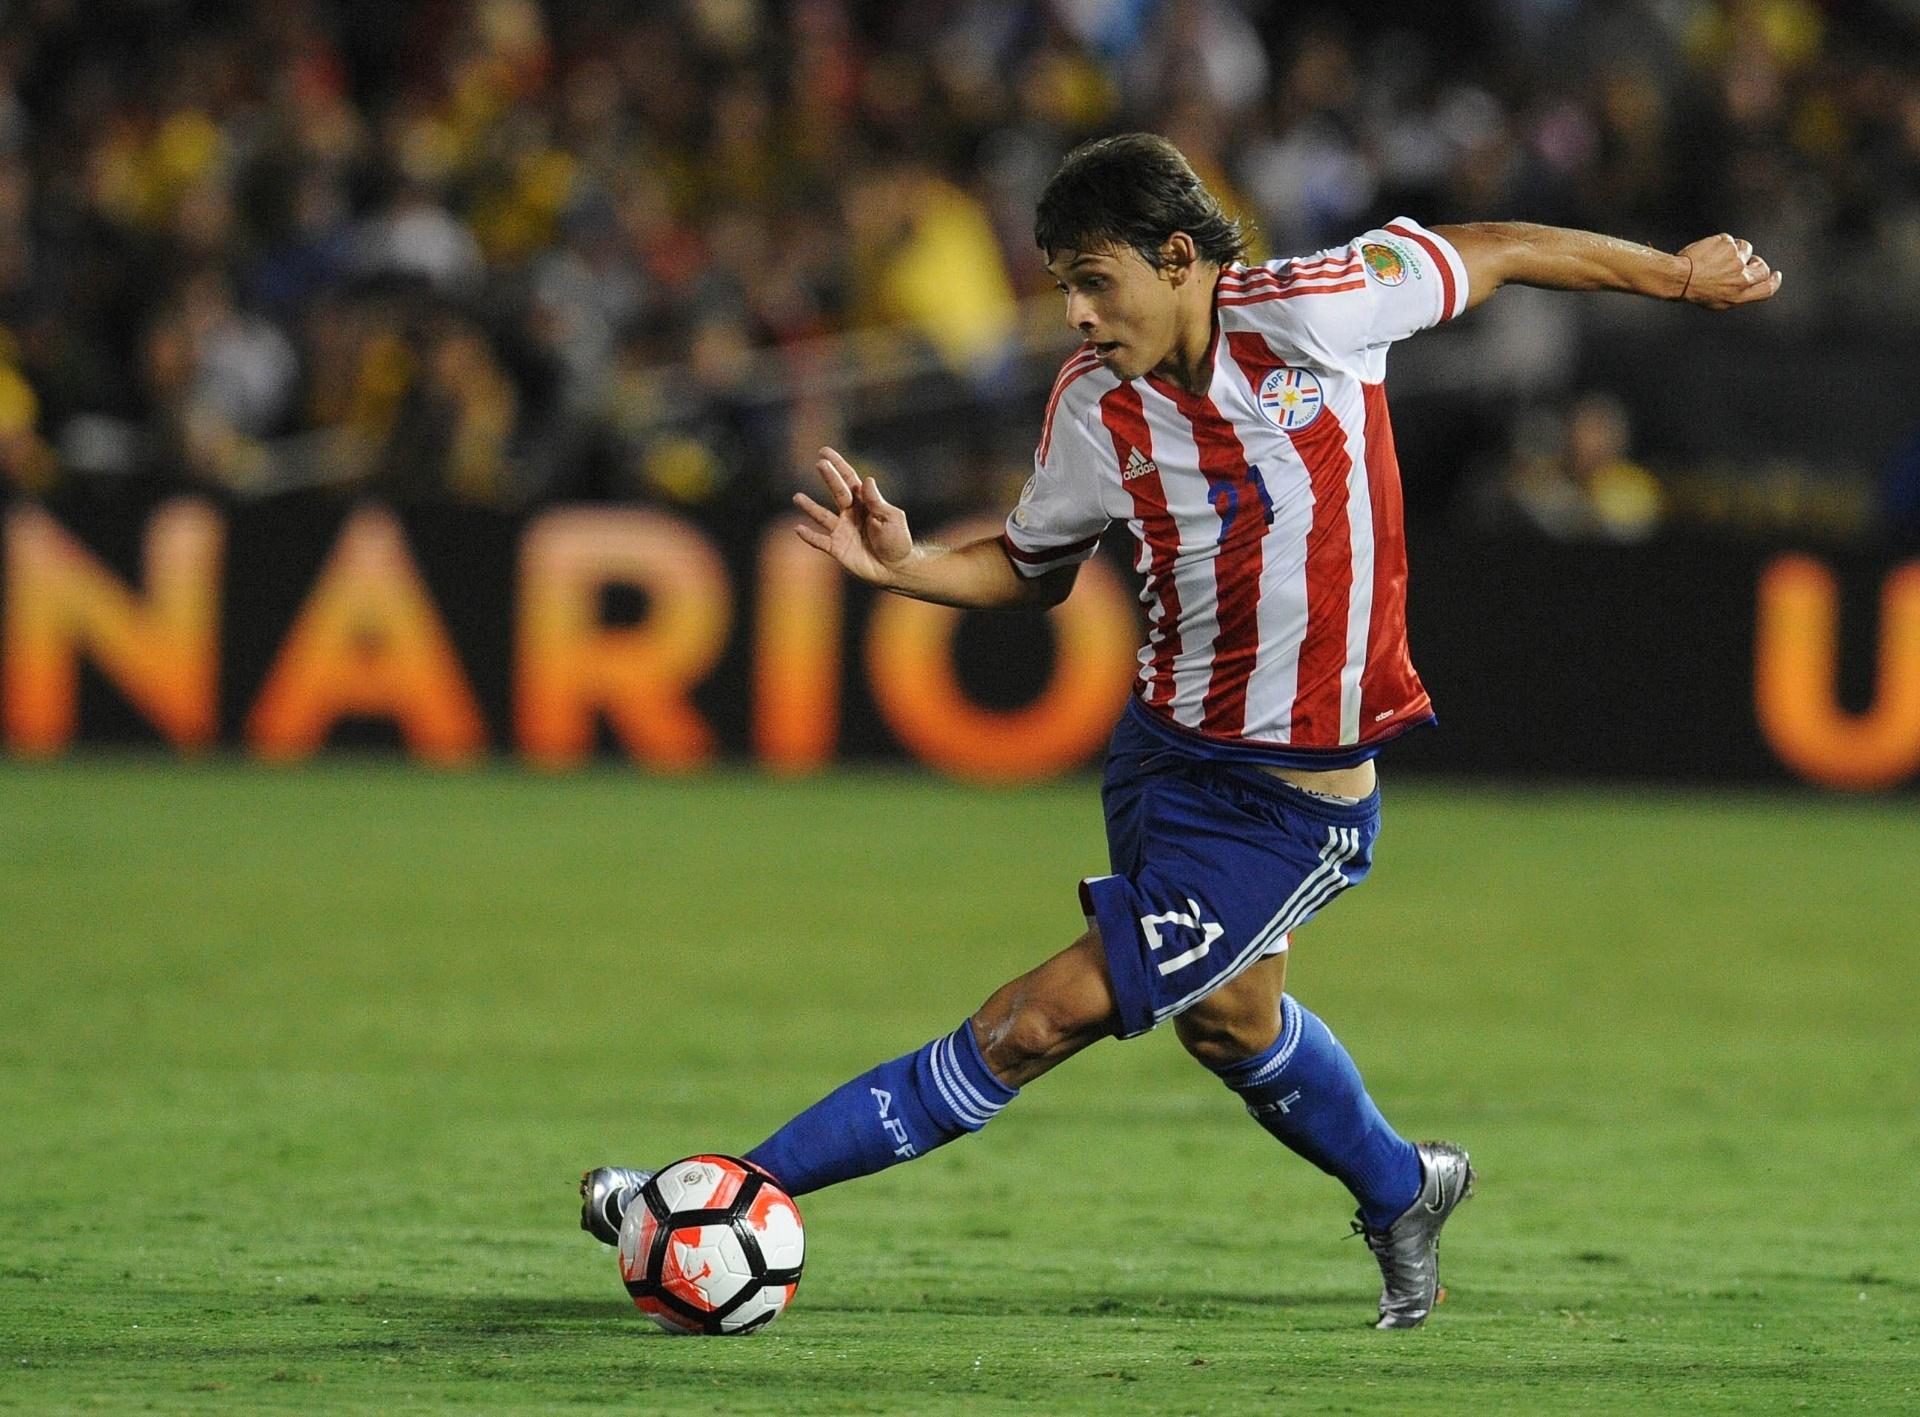 Romero diz que Corinthians tentou contratar seu irmão gêmeo de novo -  18 01 2018 - UOL Esporte f25d21be32289